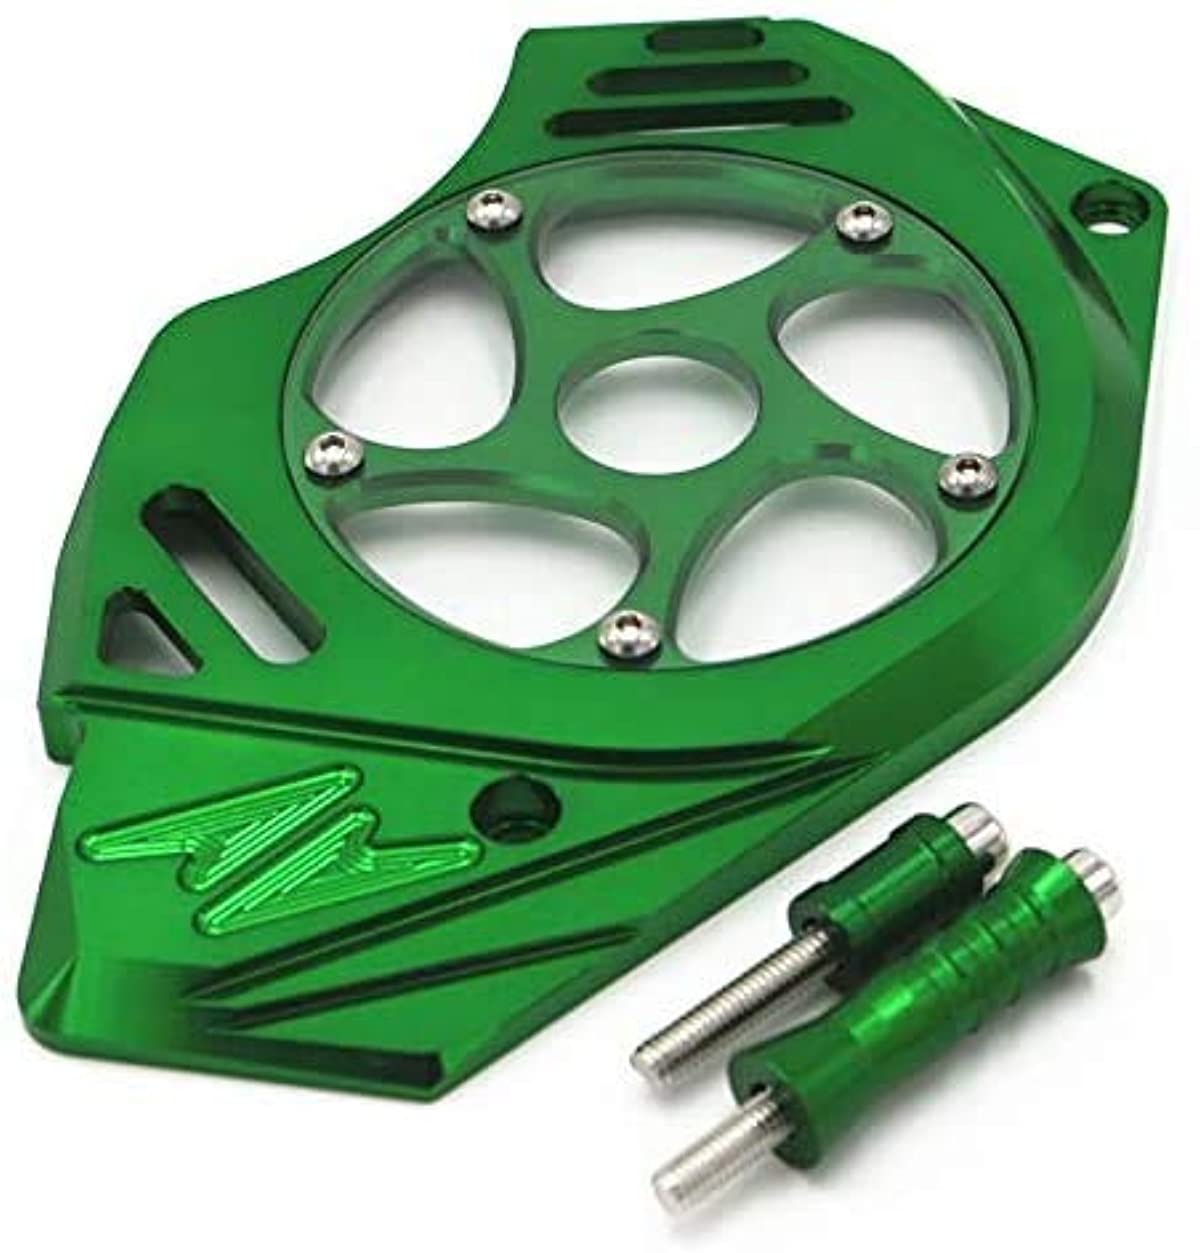 ショートカットスコア見積りYLEIエレガントな外観 実用的なバイクアクセサリーのためにKAWASAKI Z1000 Z 1000年2010年から2017年オートバイアクセサリーモトフロントスプロケット左サイドチェーンガードカバーエンジンの保護 (Color : Green)